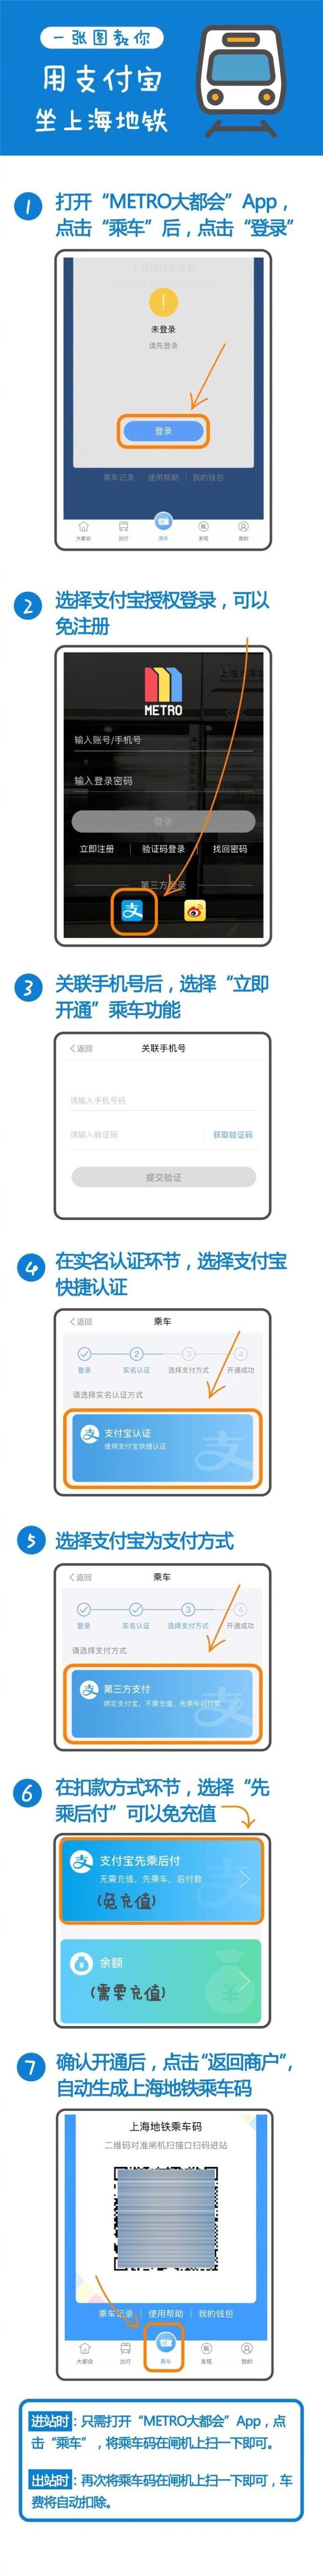 上海地铁全线接入支付宝,断网居然也能刷手机进站?